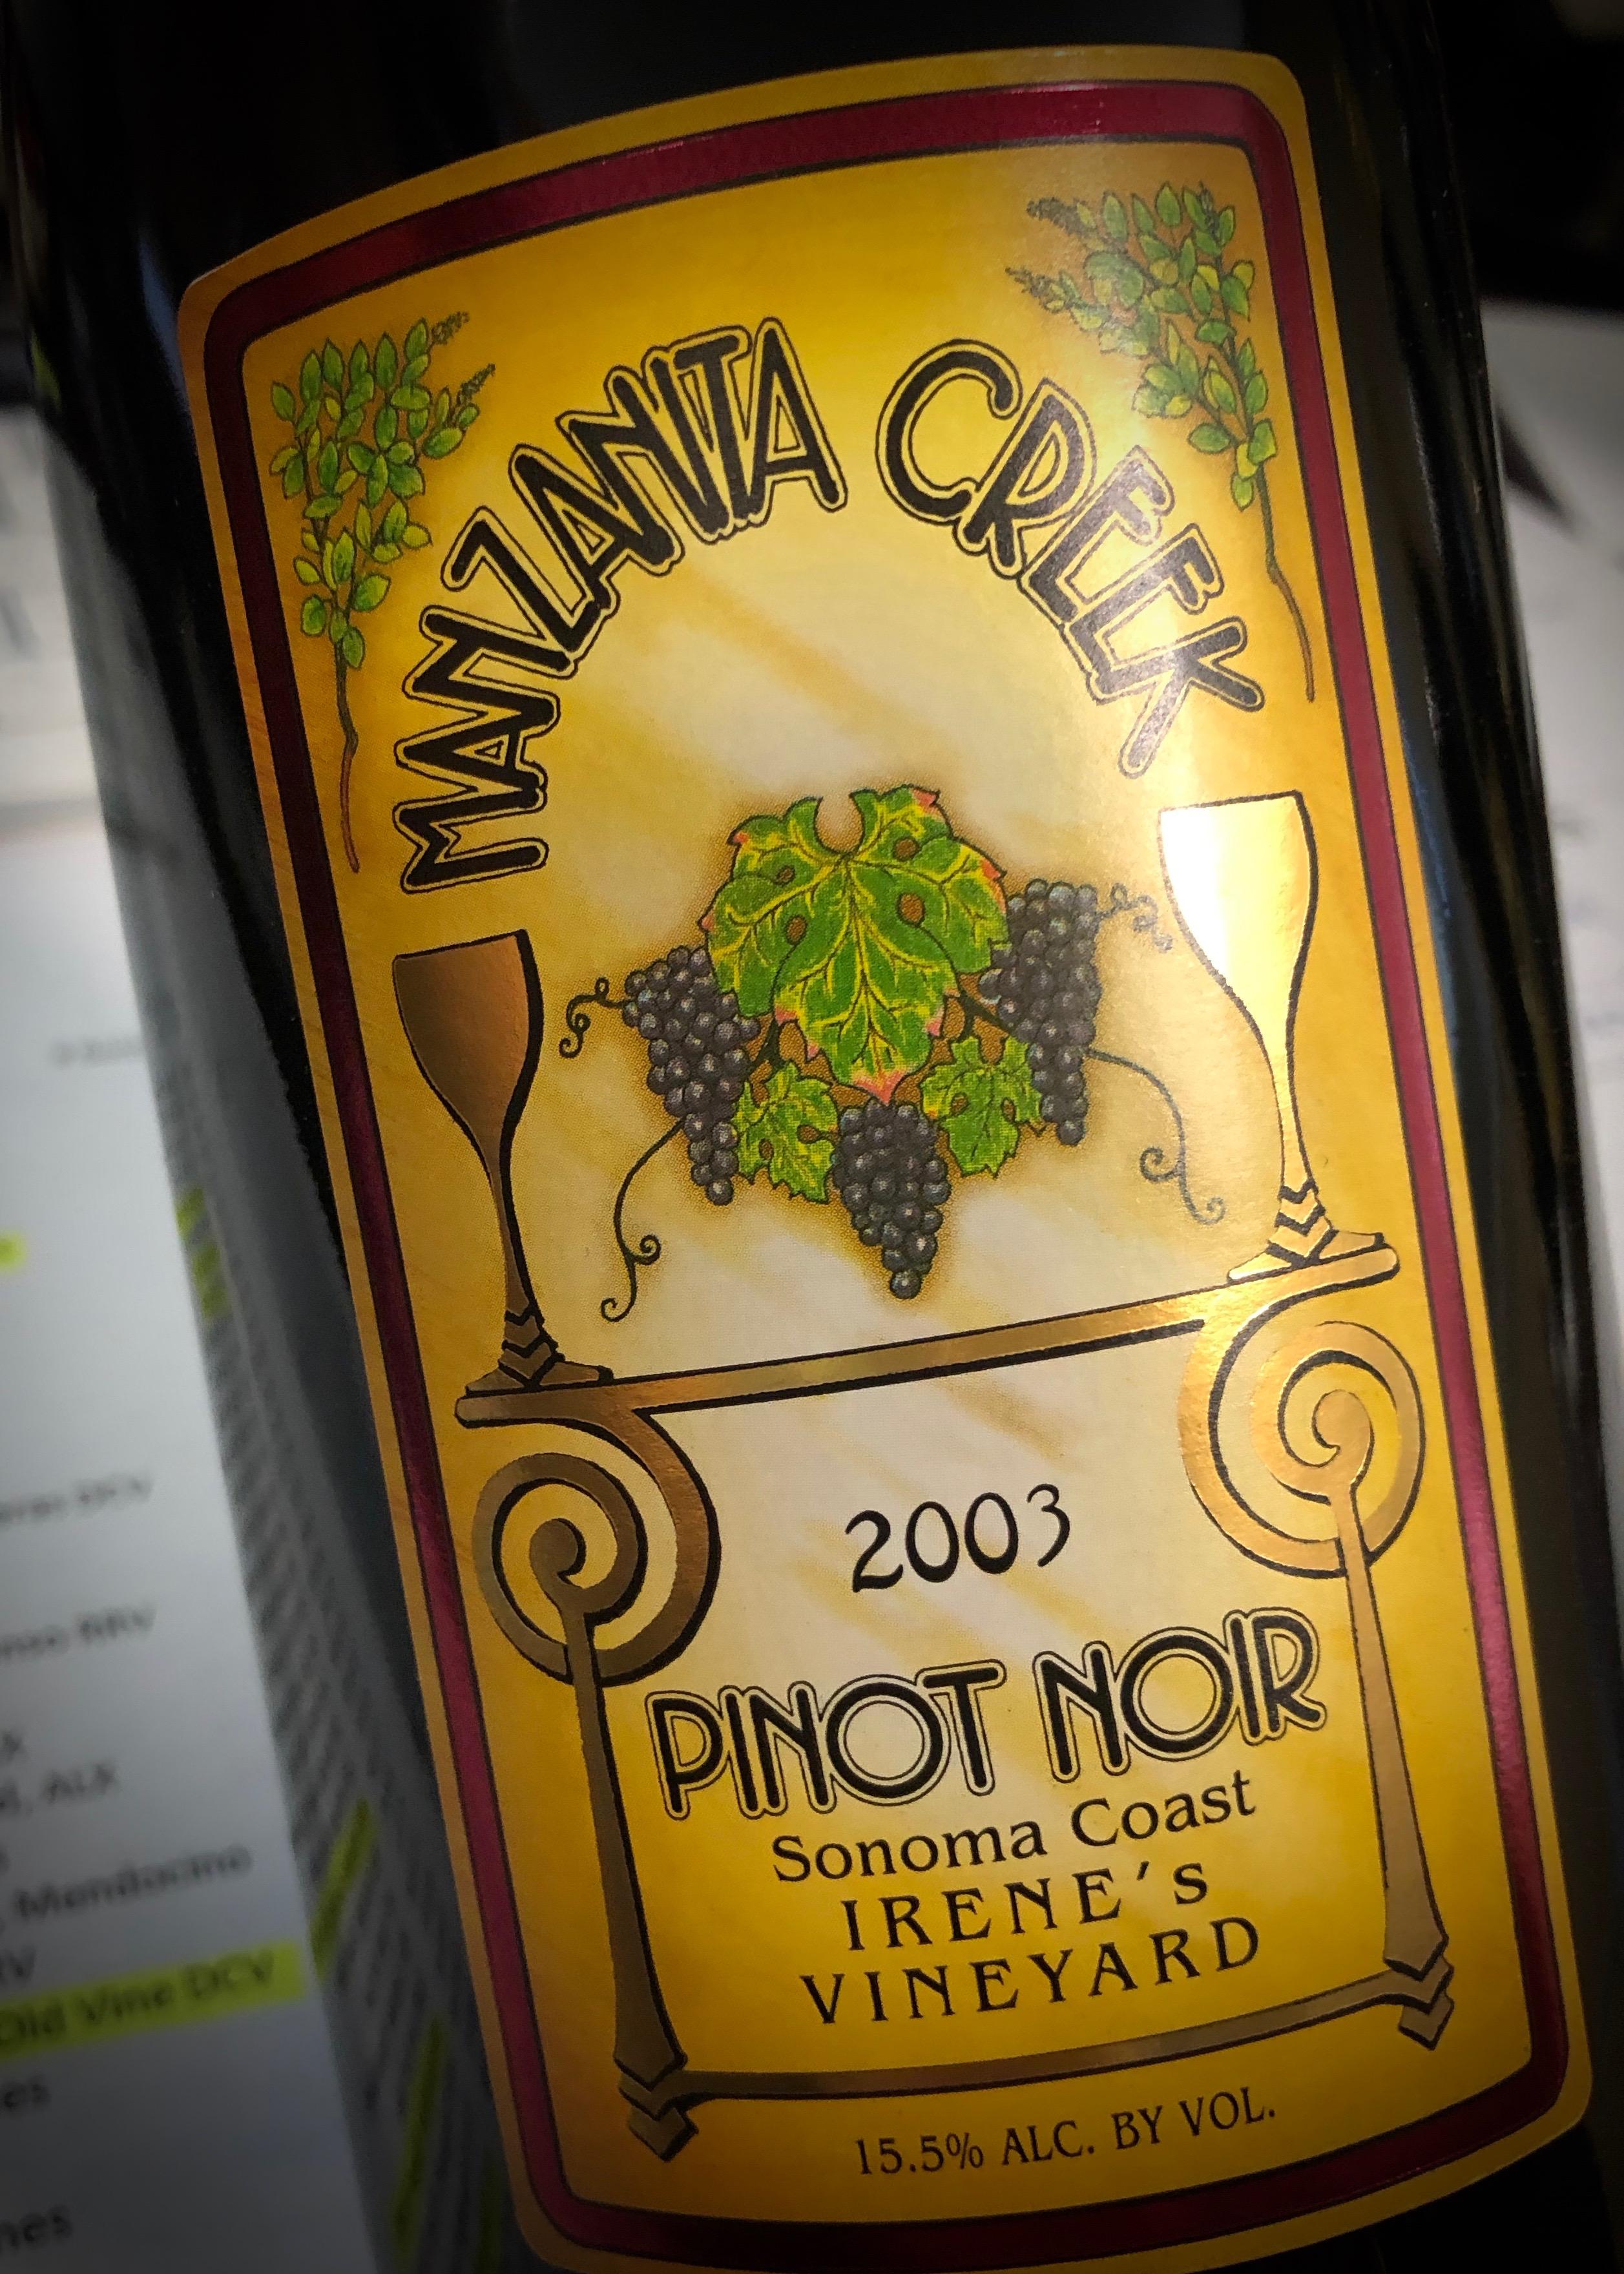 2003 Irene's Vineyard Pinot Noir, Sonoma Coast